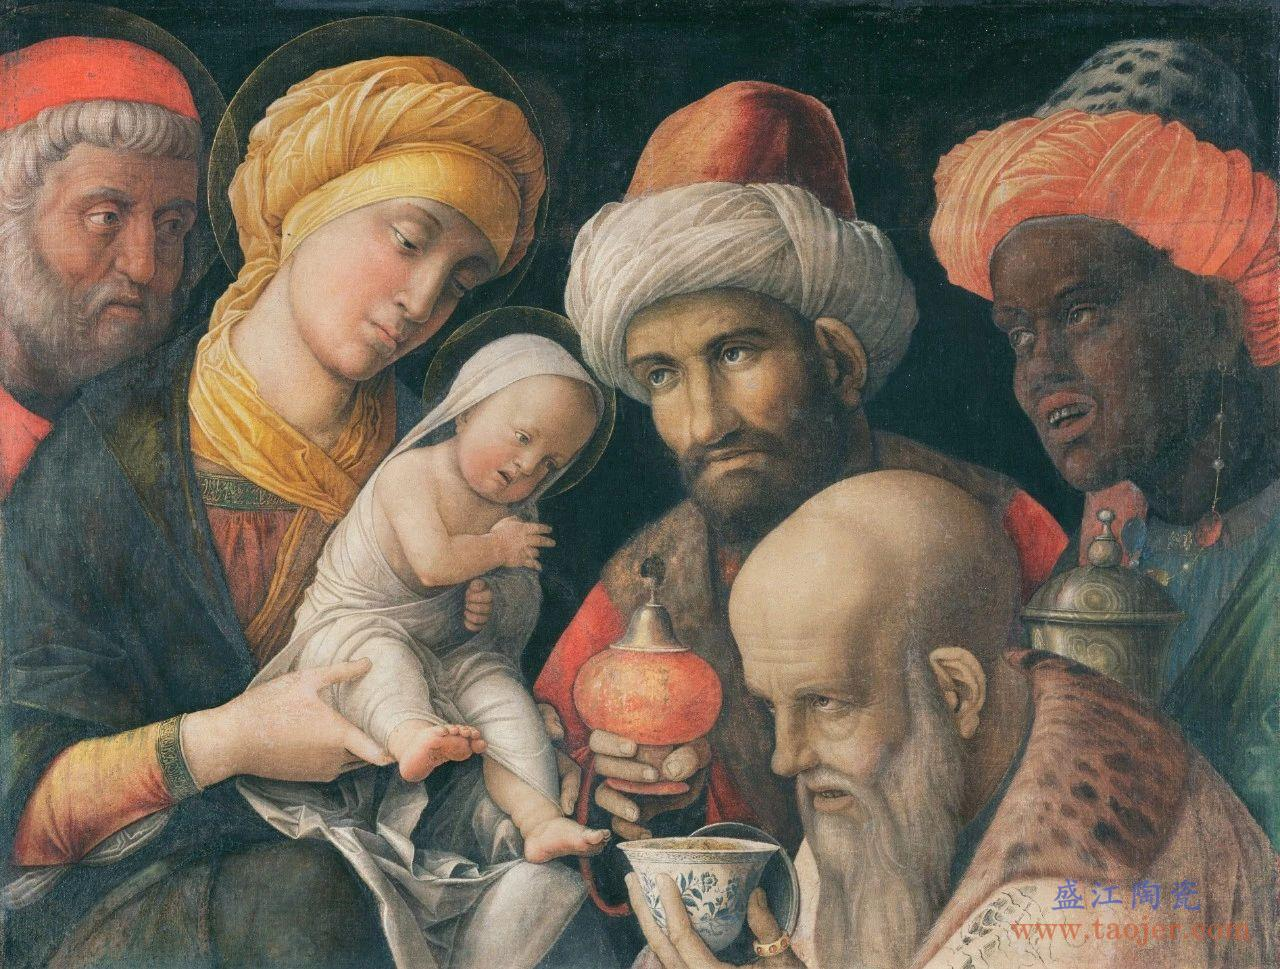 耶稣青花瓷